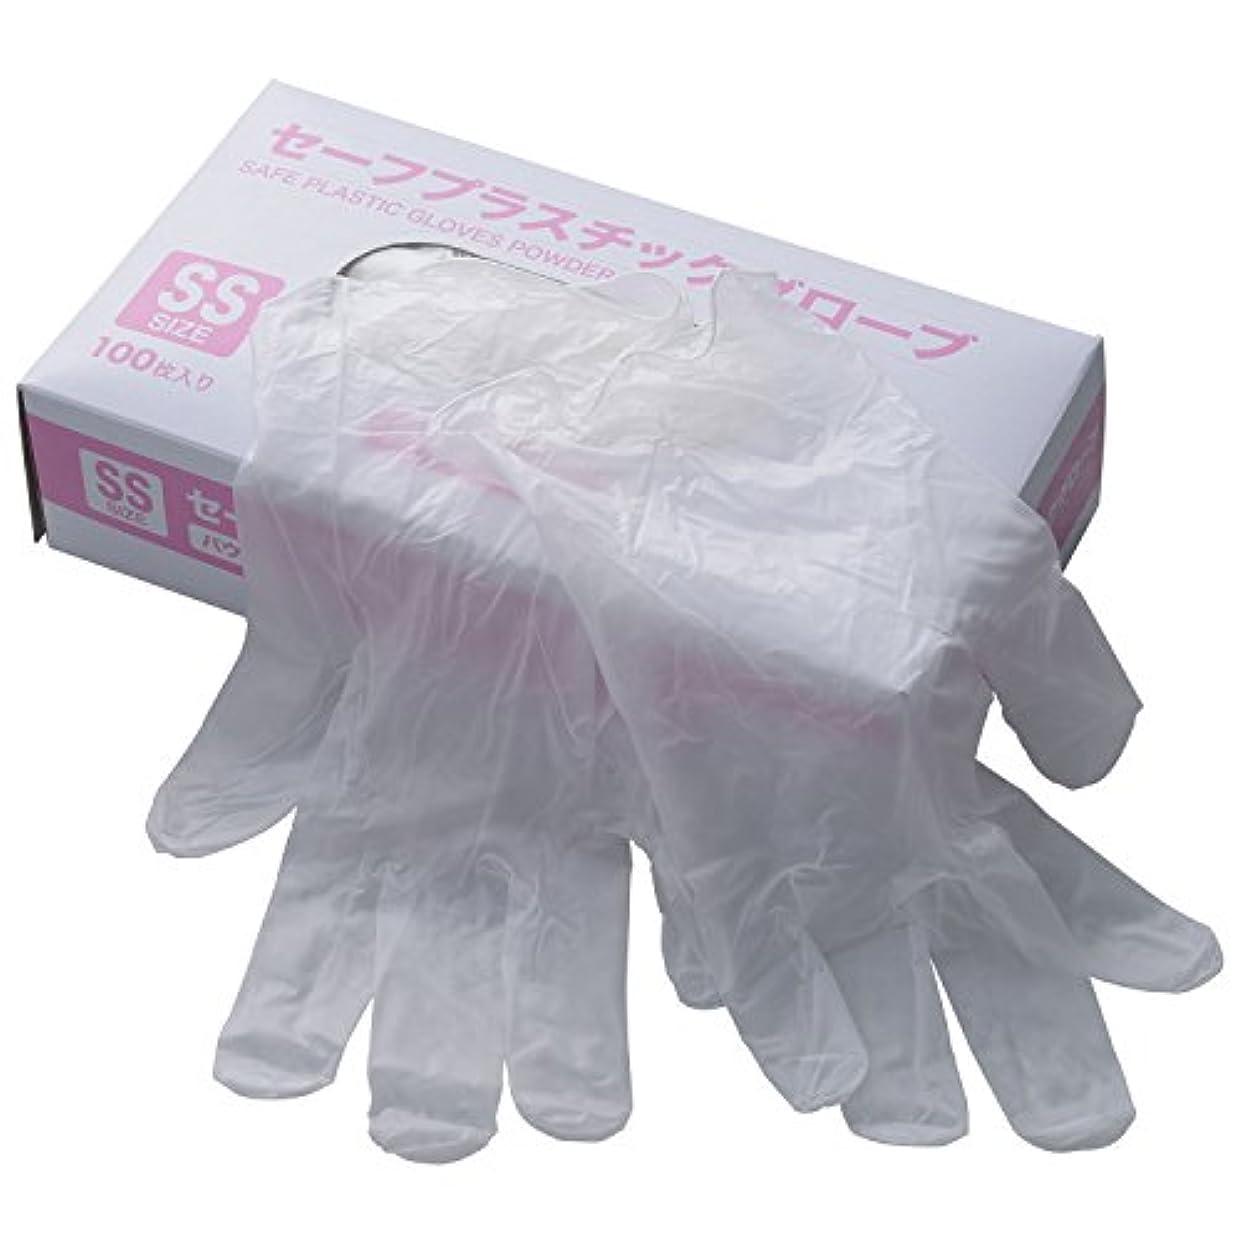 山善(YAMAZEN) セーフプラスチックグローブ SS 粉付き(パウダーイン) 100枚入り×10箱=1000枚 YTA-SS